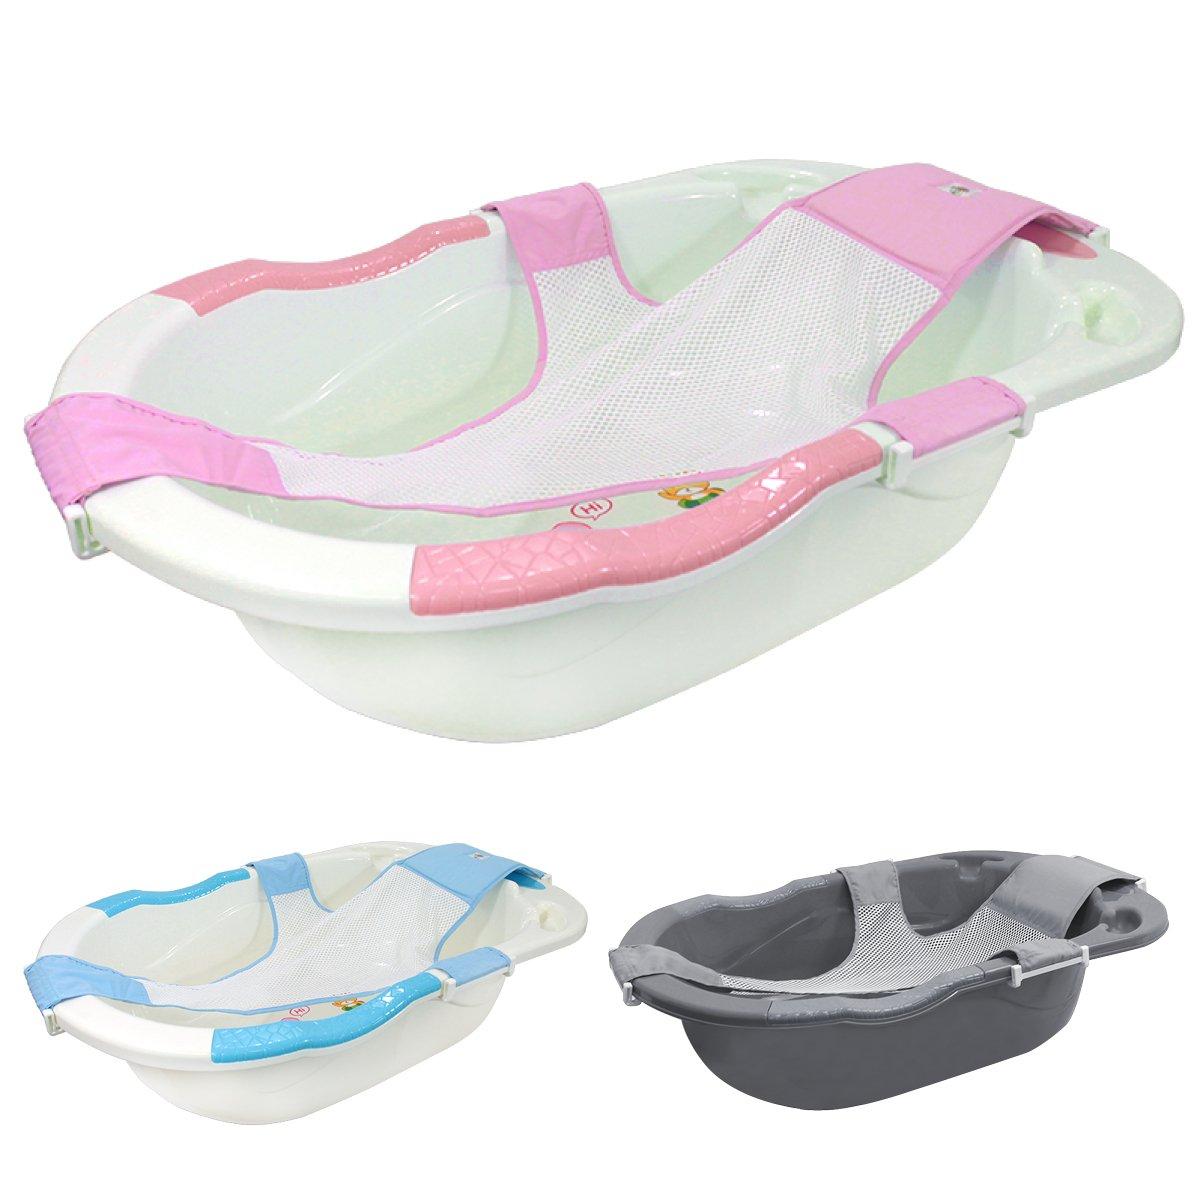 Monsieur Bébé ® Baignoire bébé évolutive avec hamac de bain + grip + vidange - Trois coloris - Norme XP 54-044 product image